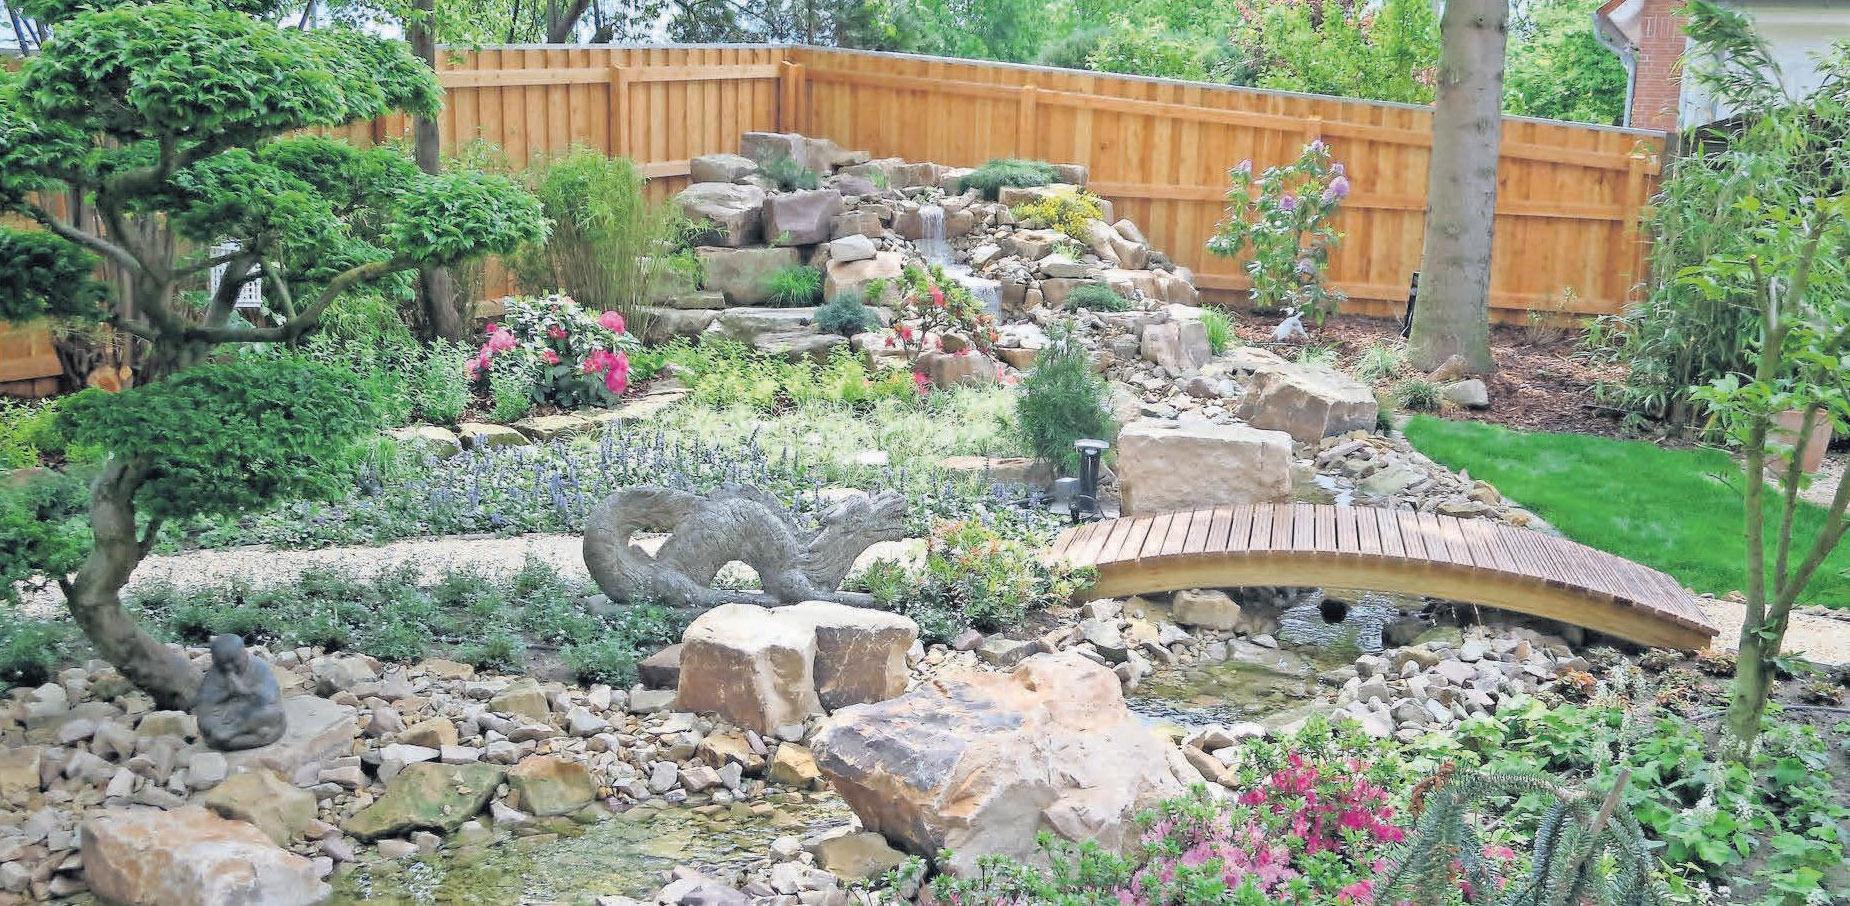 Die Gärtnerei Fischer macht Privatgärten schön.